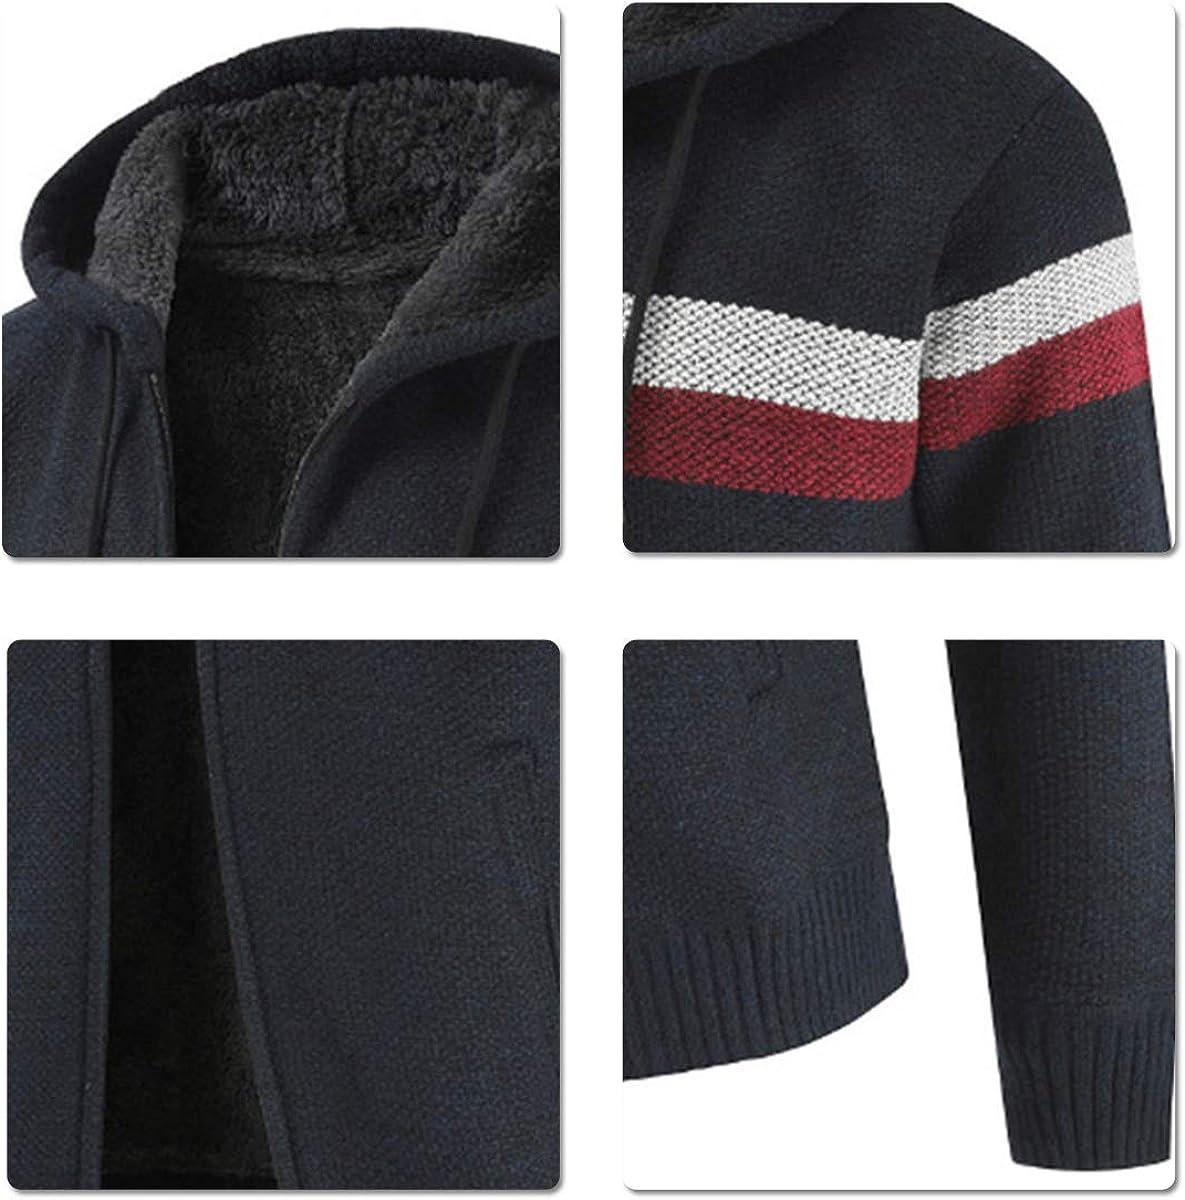 con cappuccio e cerniera Cardigan da uomo lavorato a maglia taglia XS